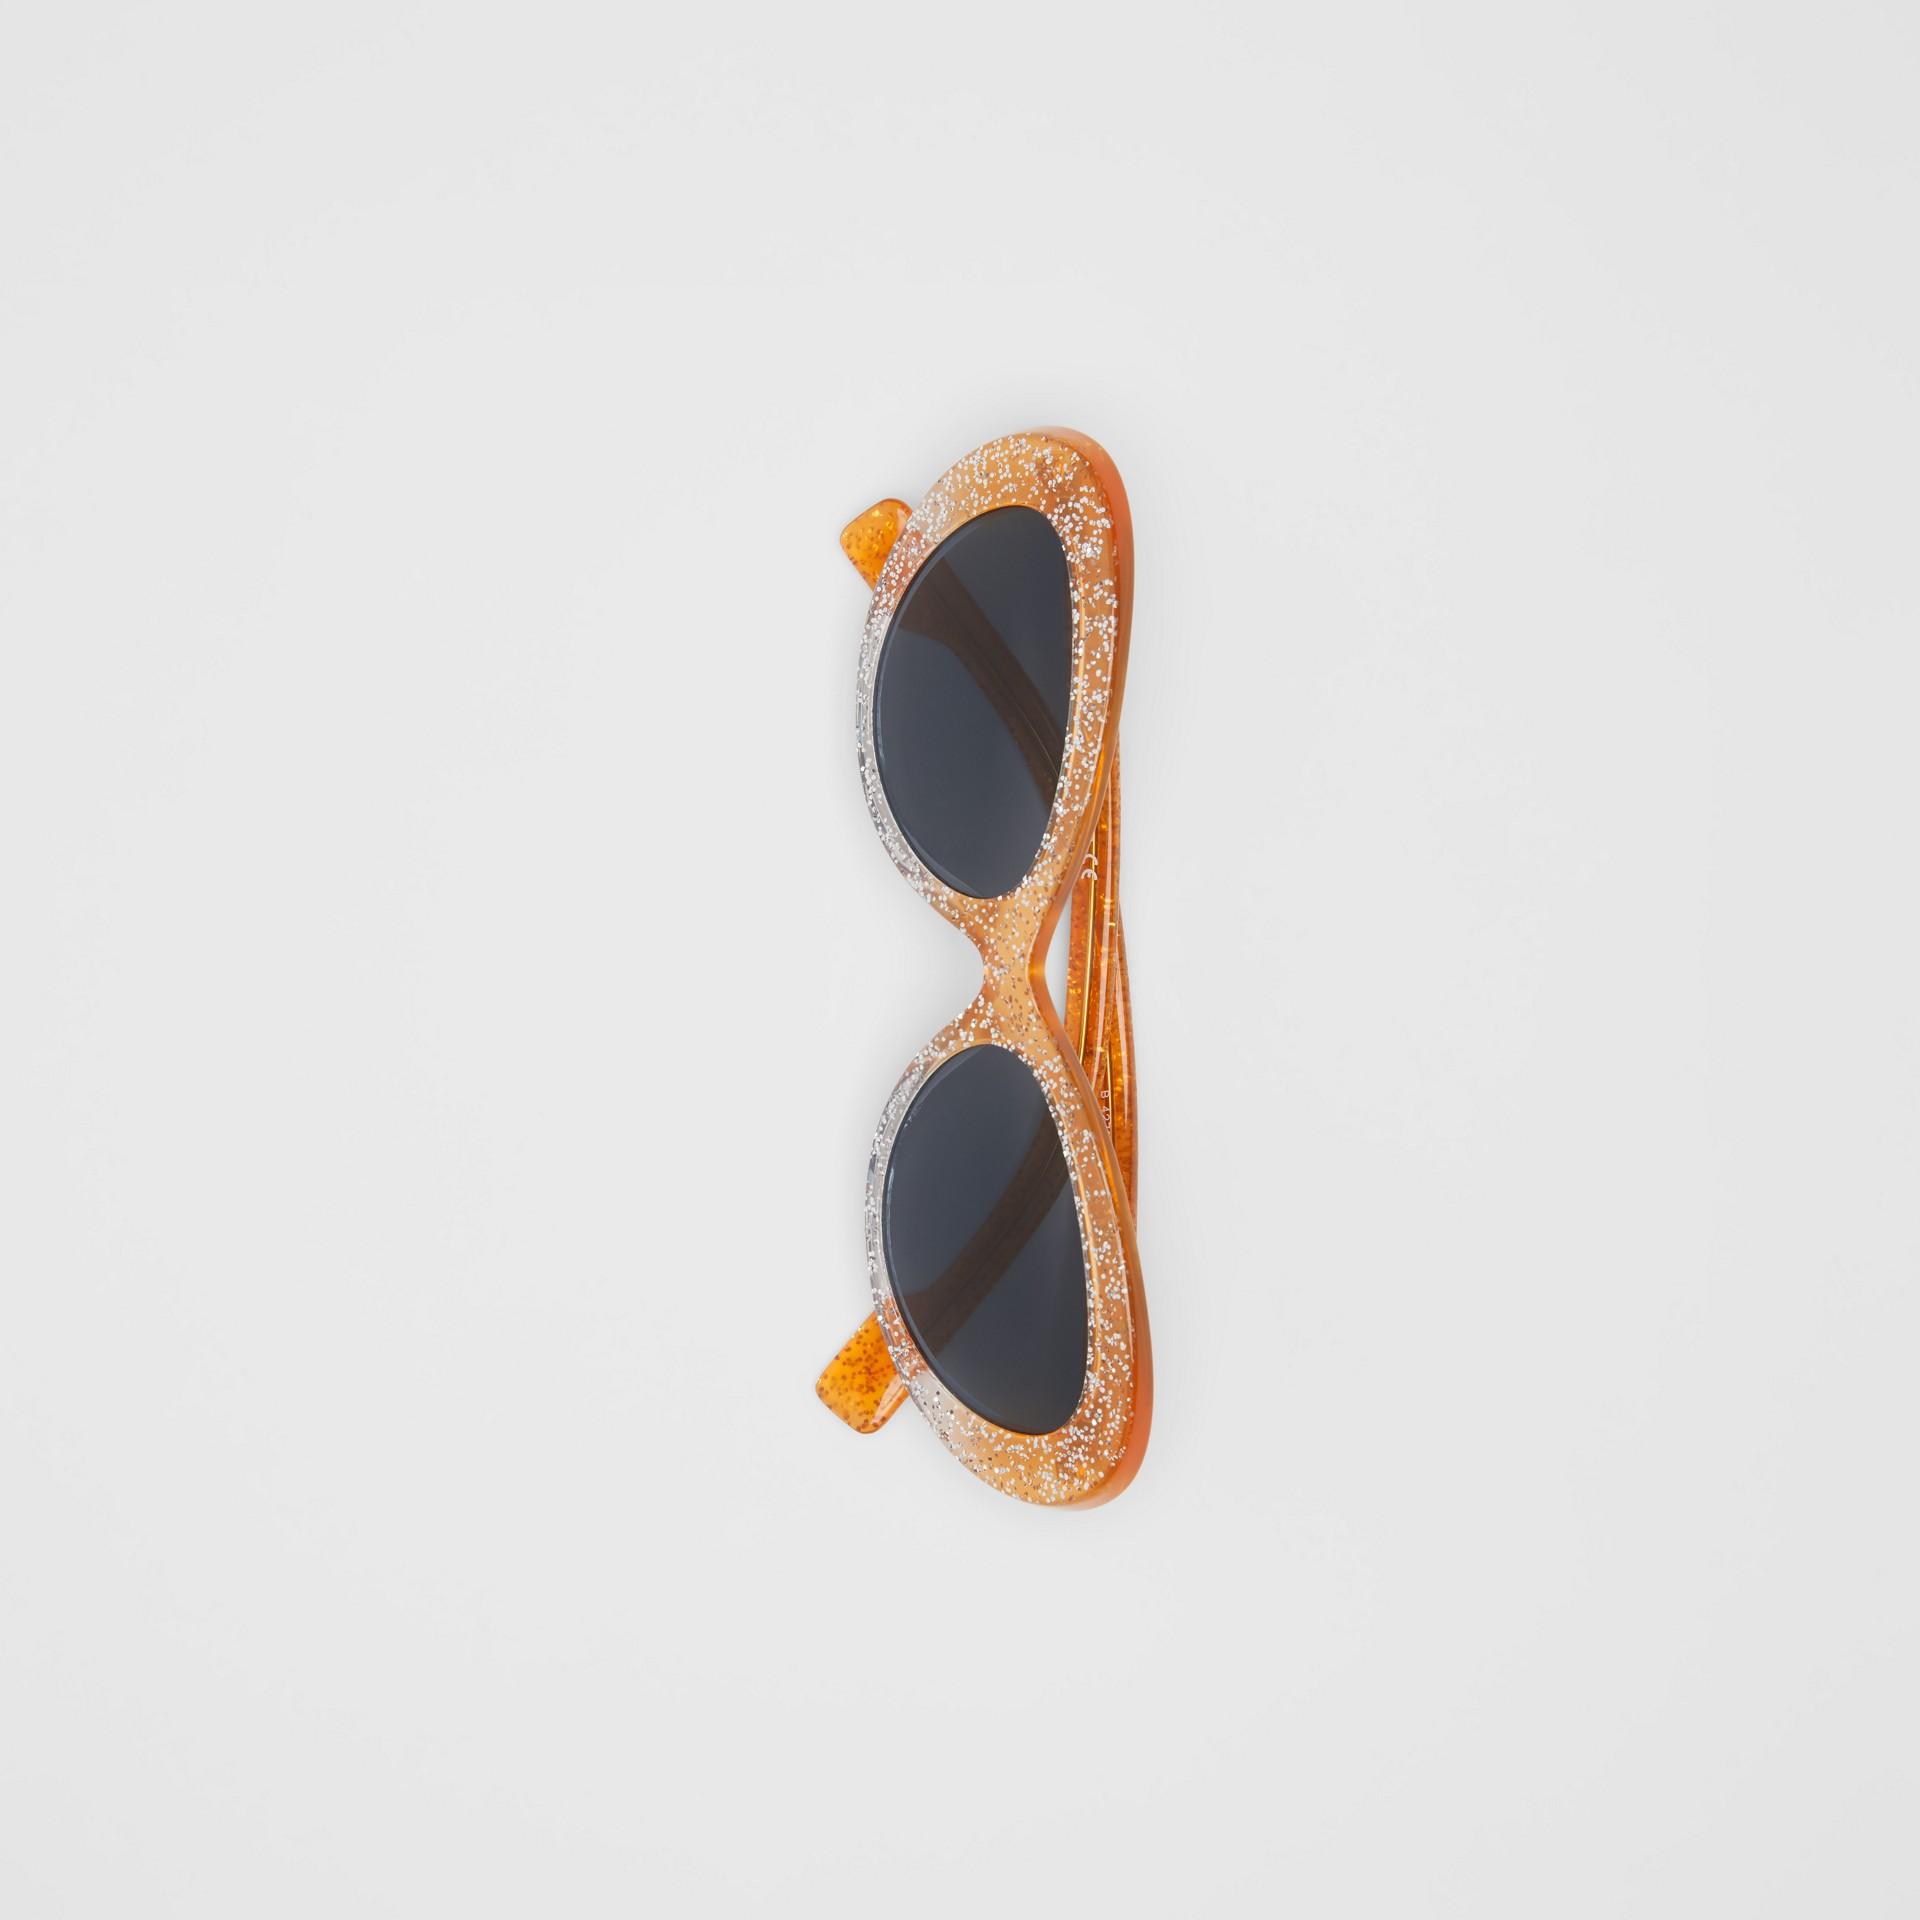 Lunettes de soleil à monture œil-de-chat avec détail pailleté (Orange) - Femme | Burberry - photo de la galerie 3